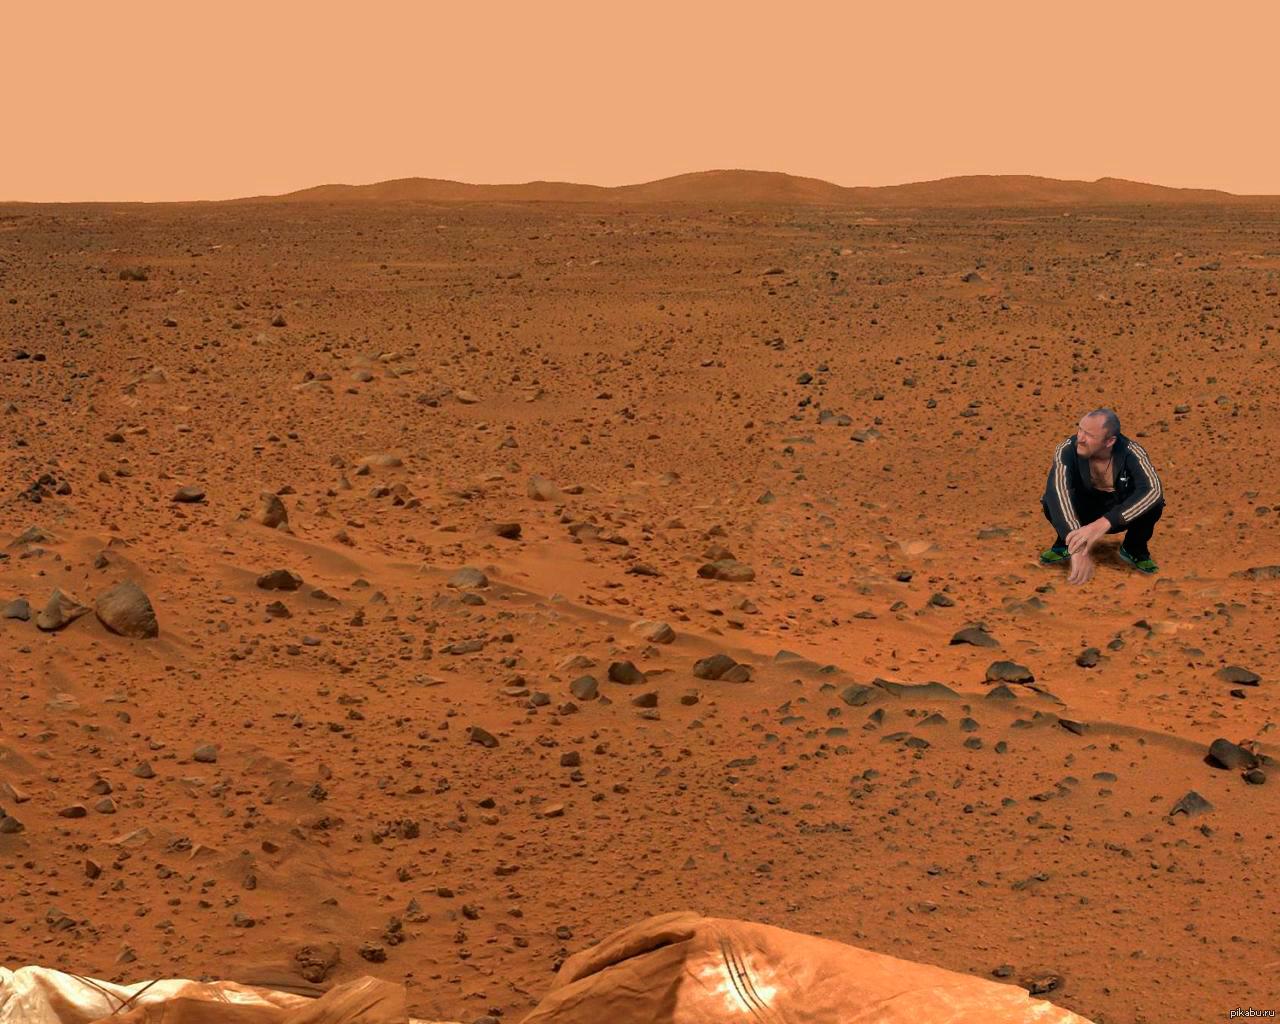 фото предметов находятся на планете марс место, где